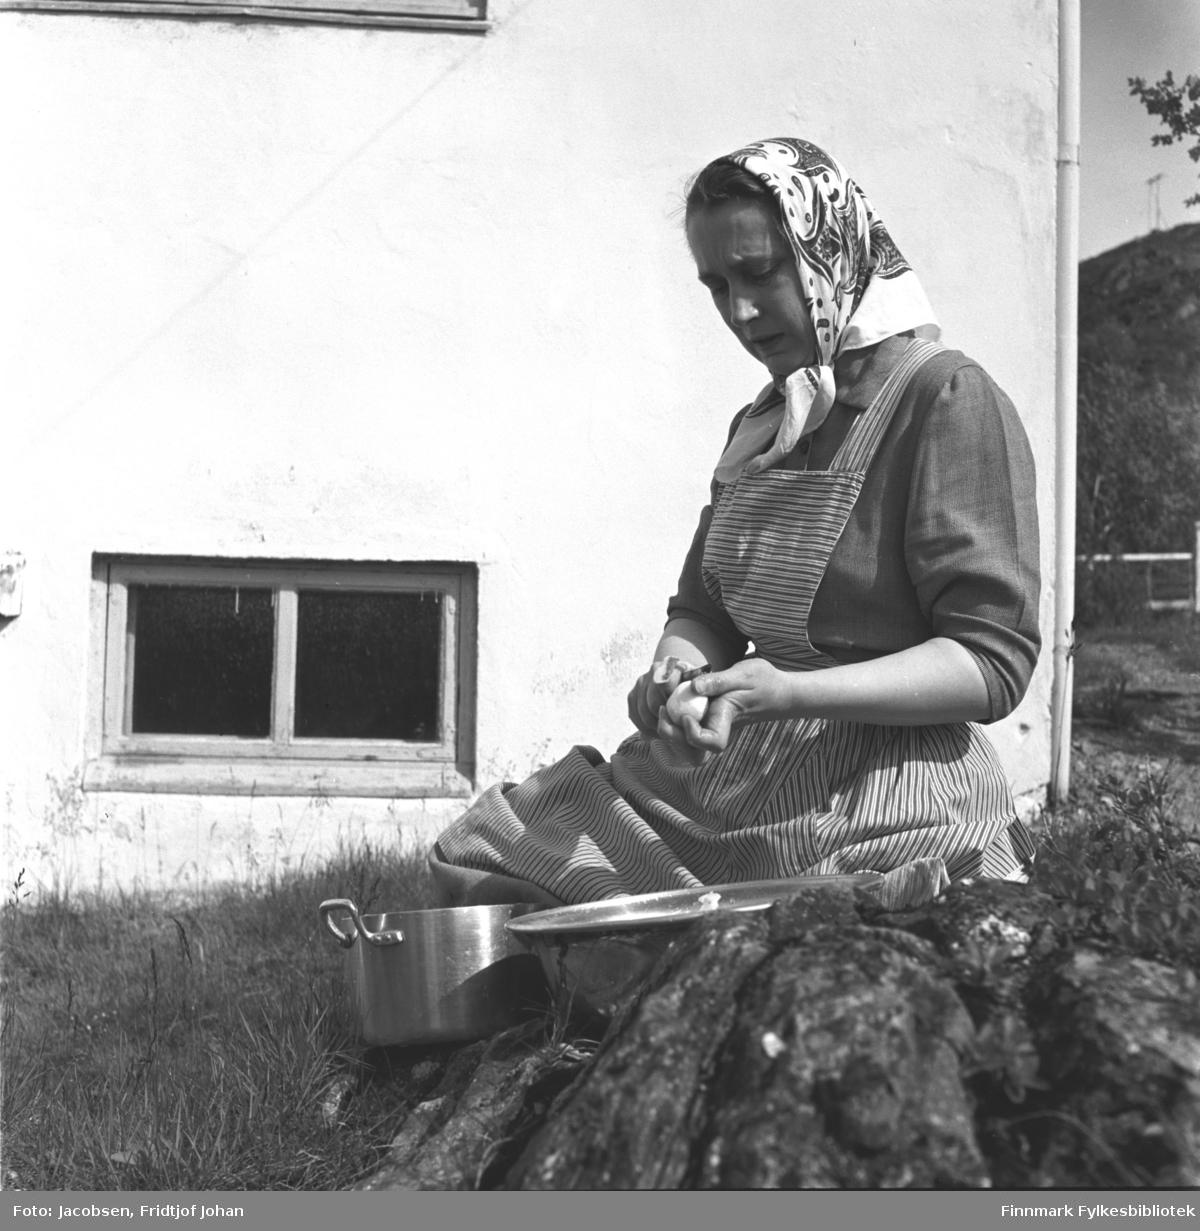 Aase Randi Jacobsen sitter utenfor foreldrenes hus og skreller poteter.